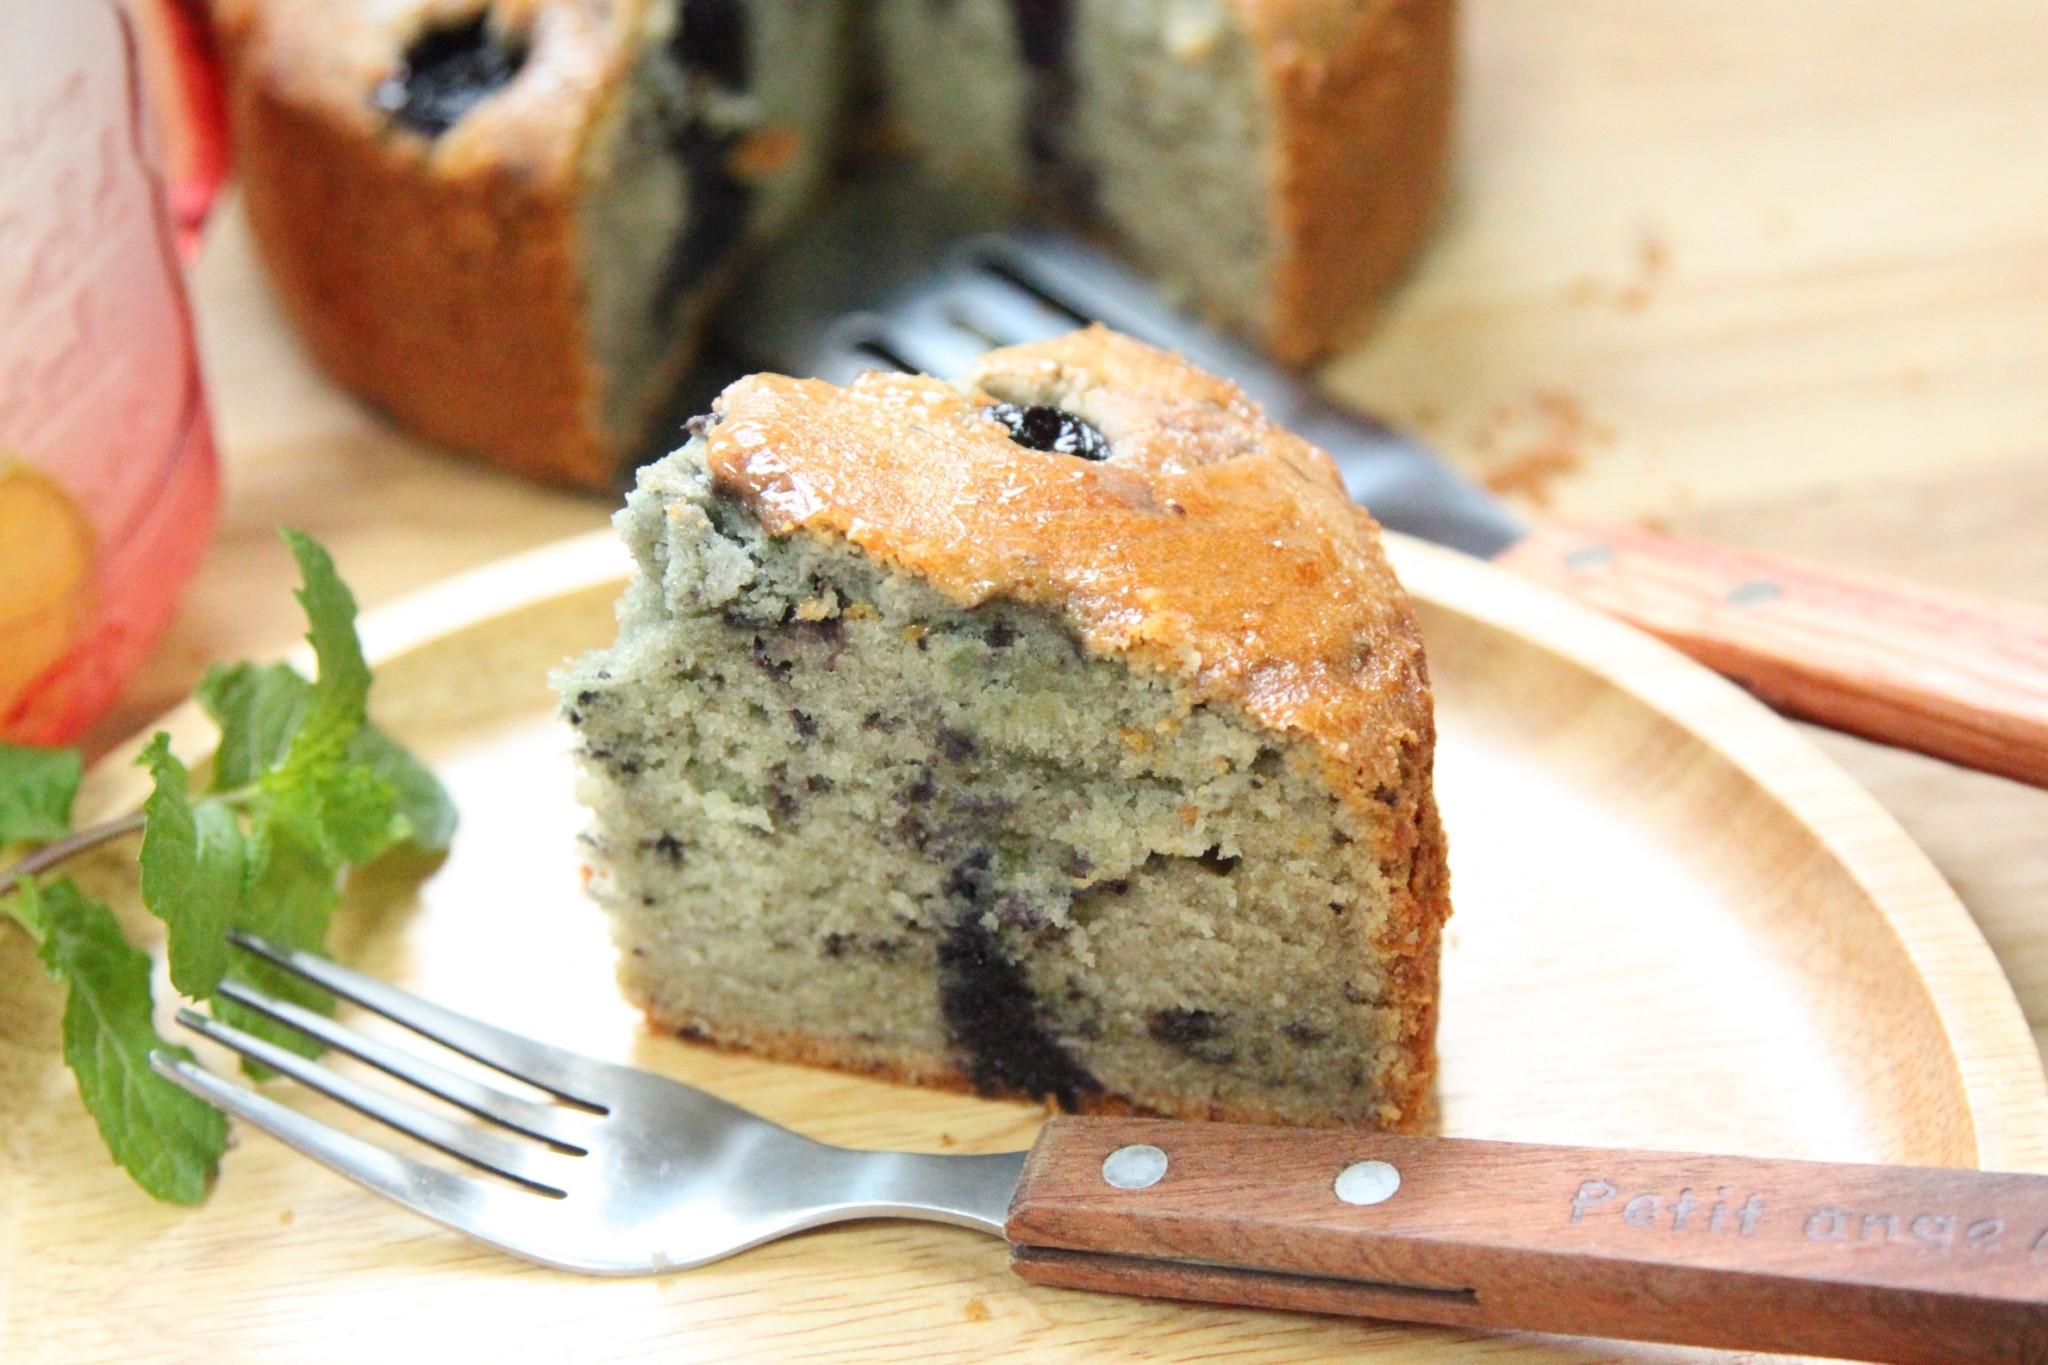 藍莓磅蛋糕